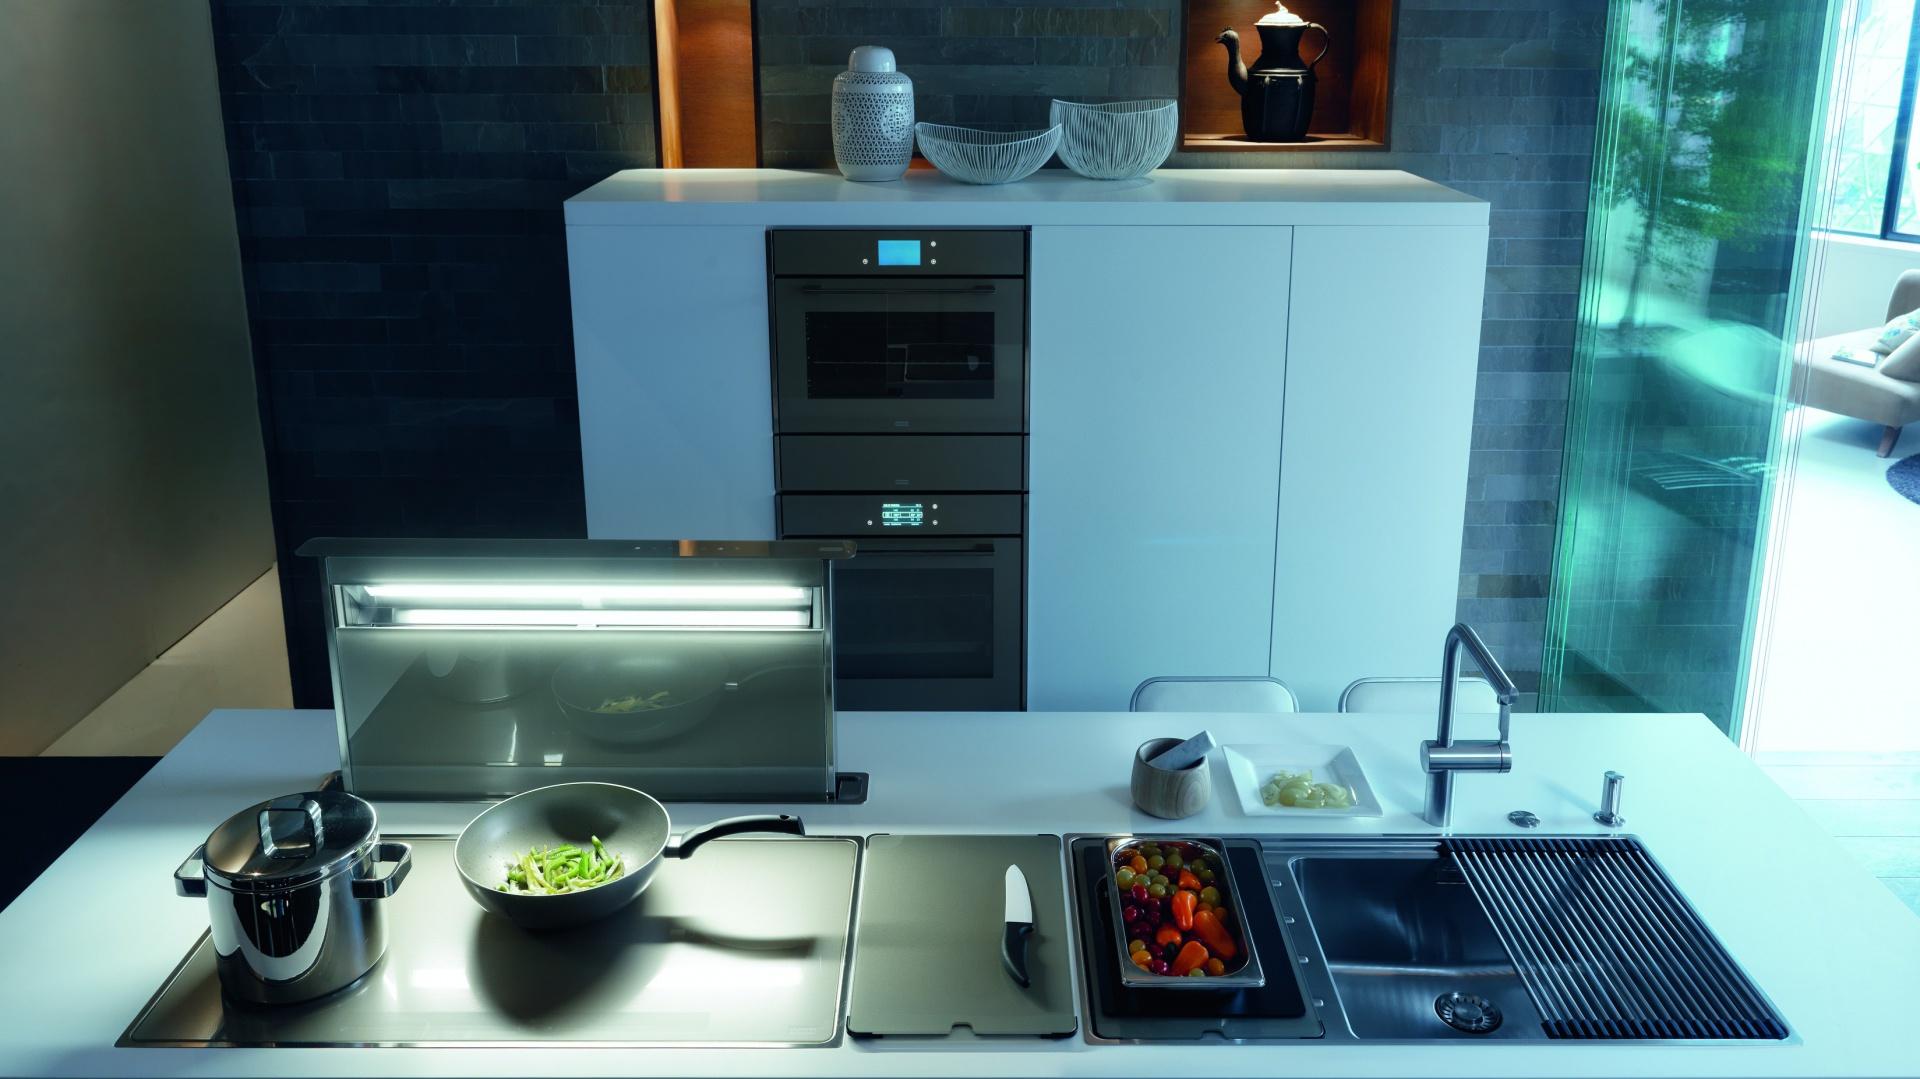 Frames by Franke to aż 44 różne urządzenia i akcesoria kuchenne zaprojektowane zostały w charakterystycznych, 11-milimetrowych stalowych ramkach. Fot. Franke